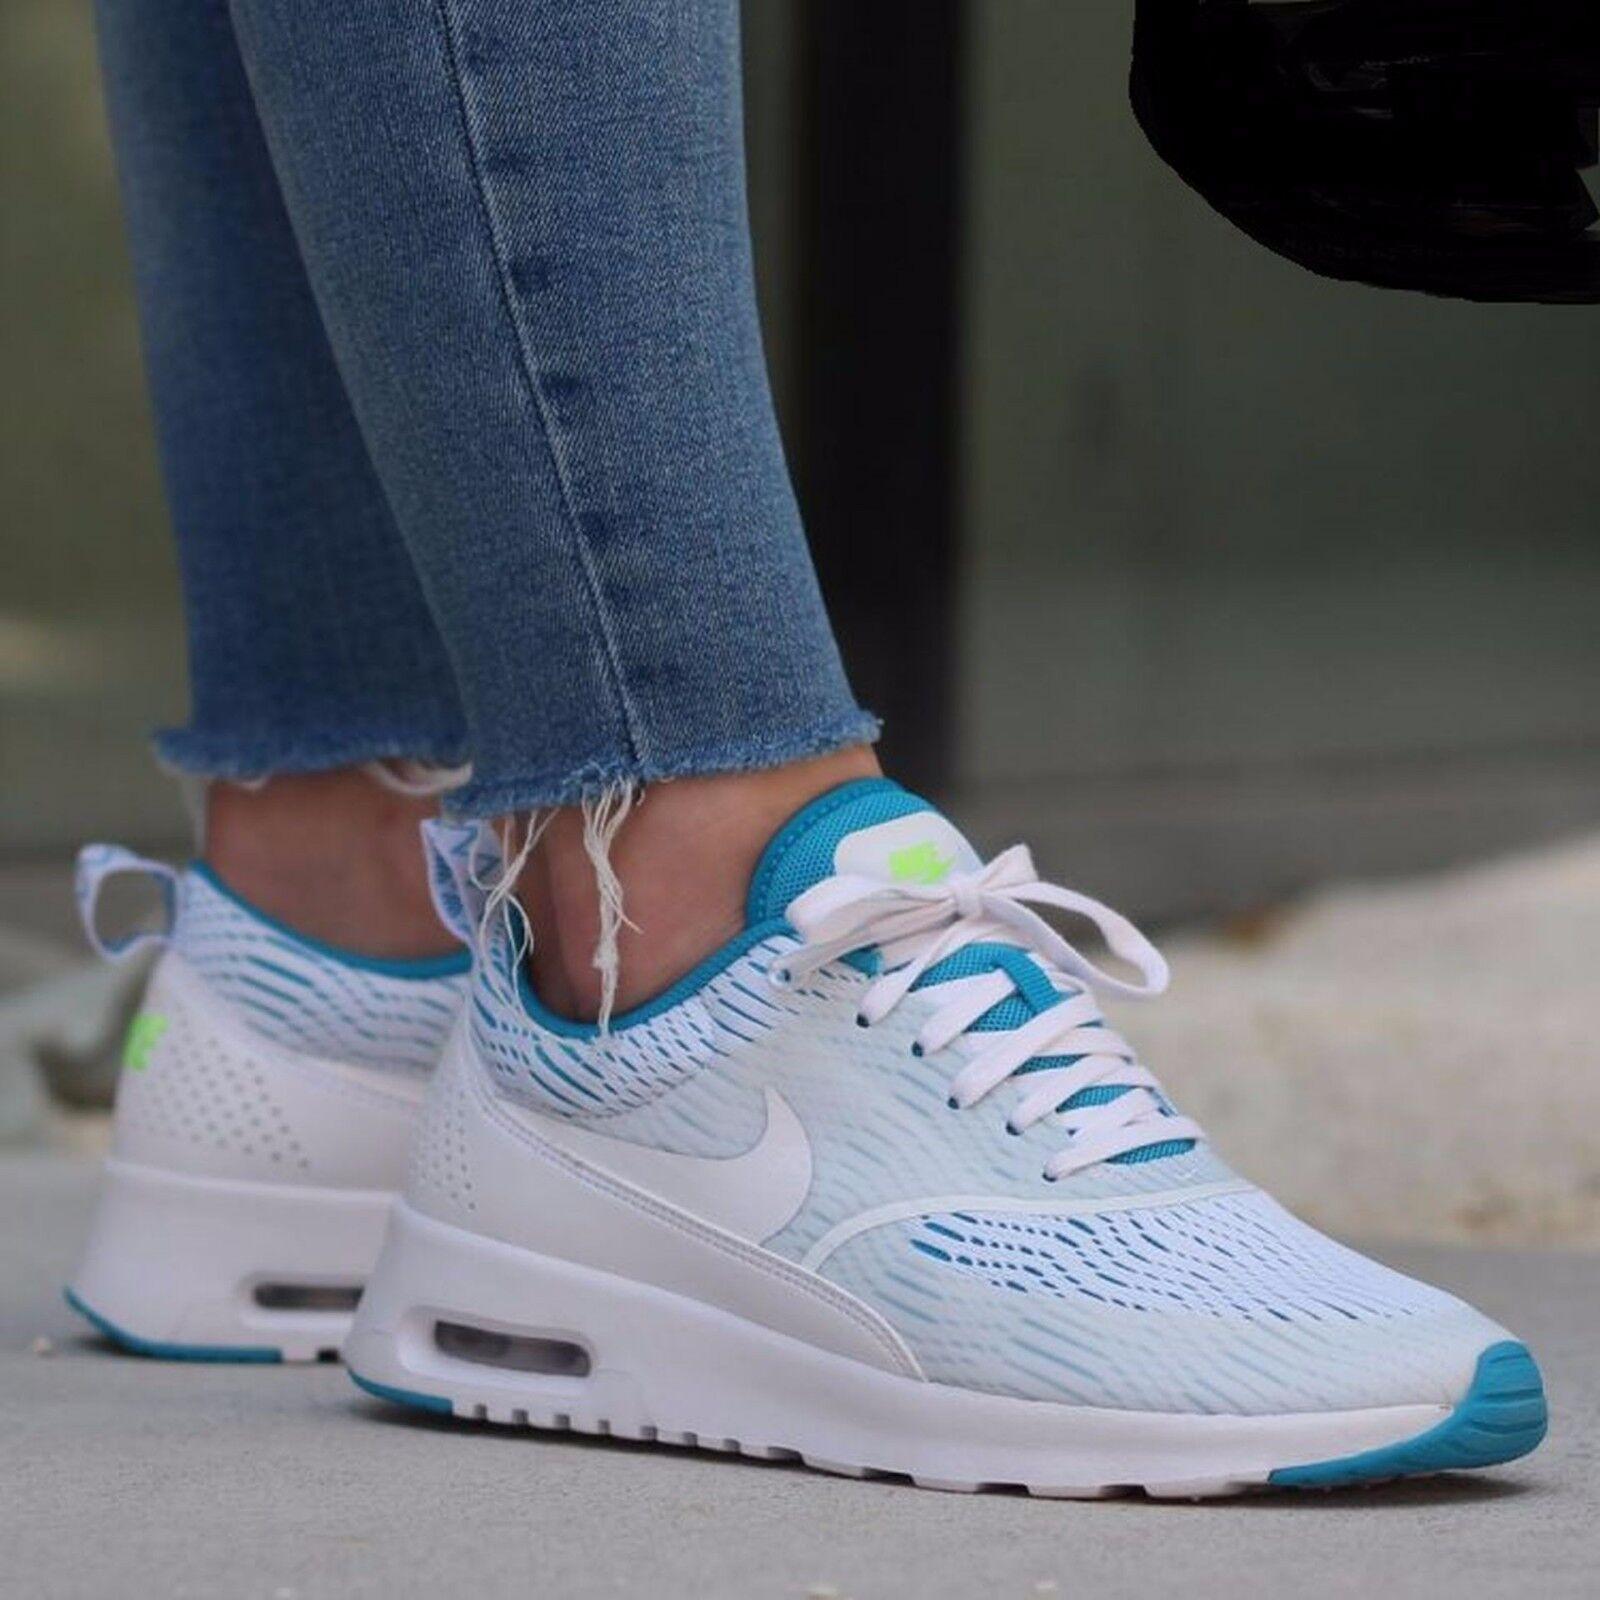 Nike Air Max Thea EM Running White/Blue Lagoon/Ghost Green 833887 100 Wmn Sz 8.5